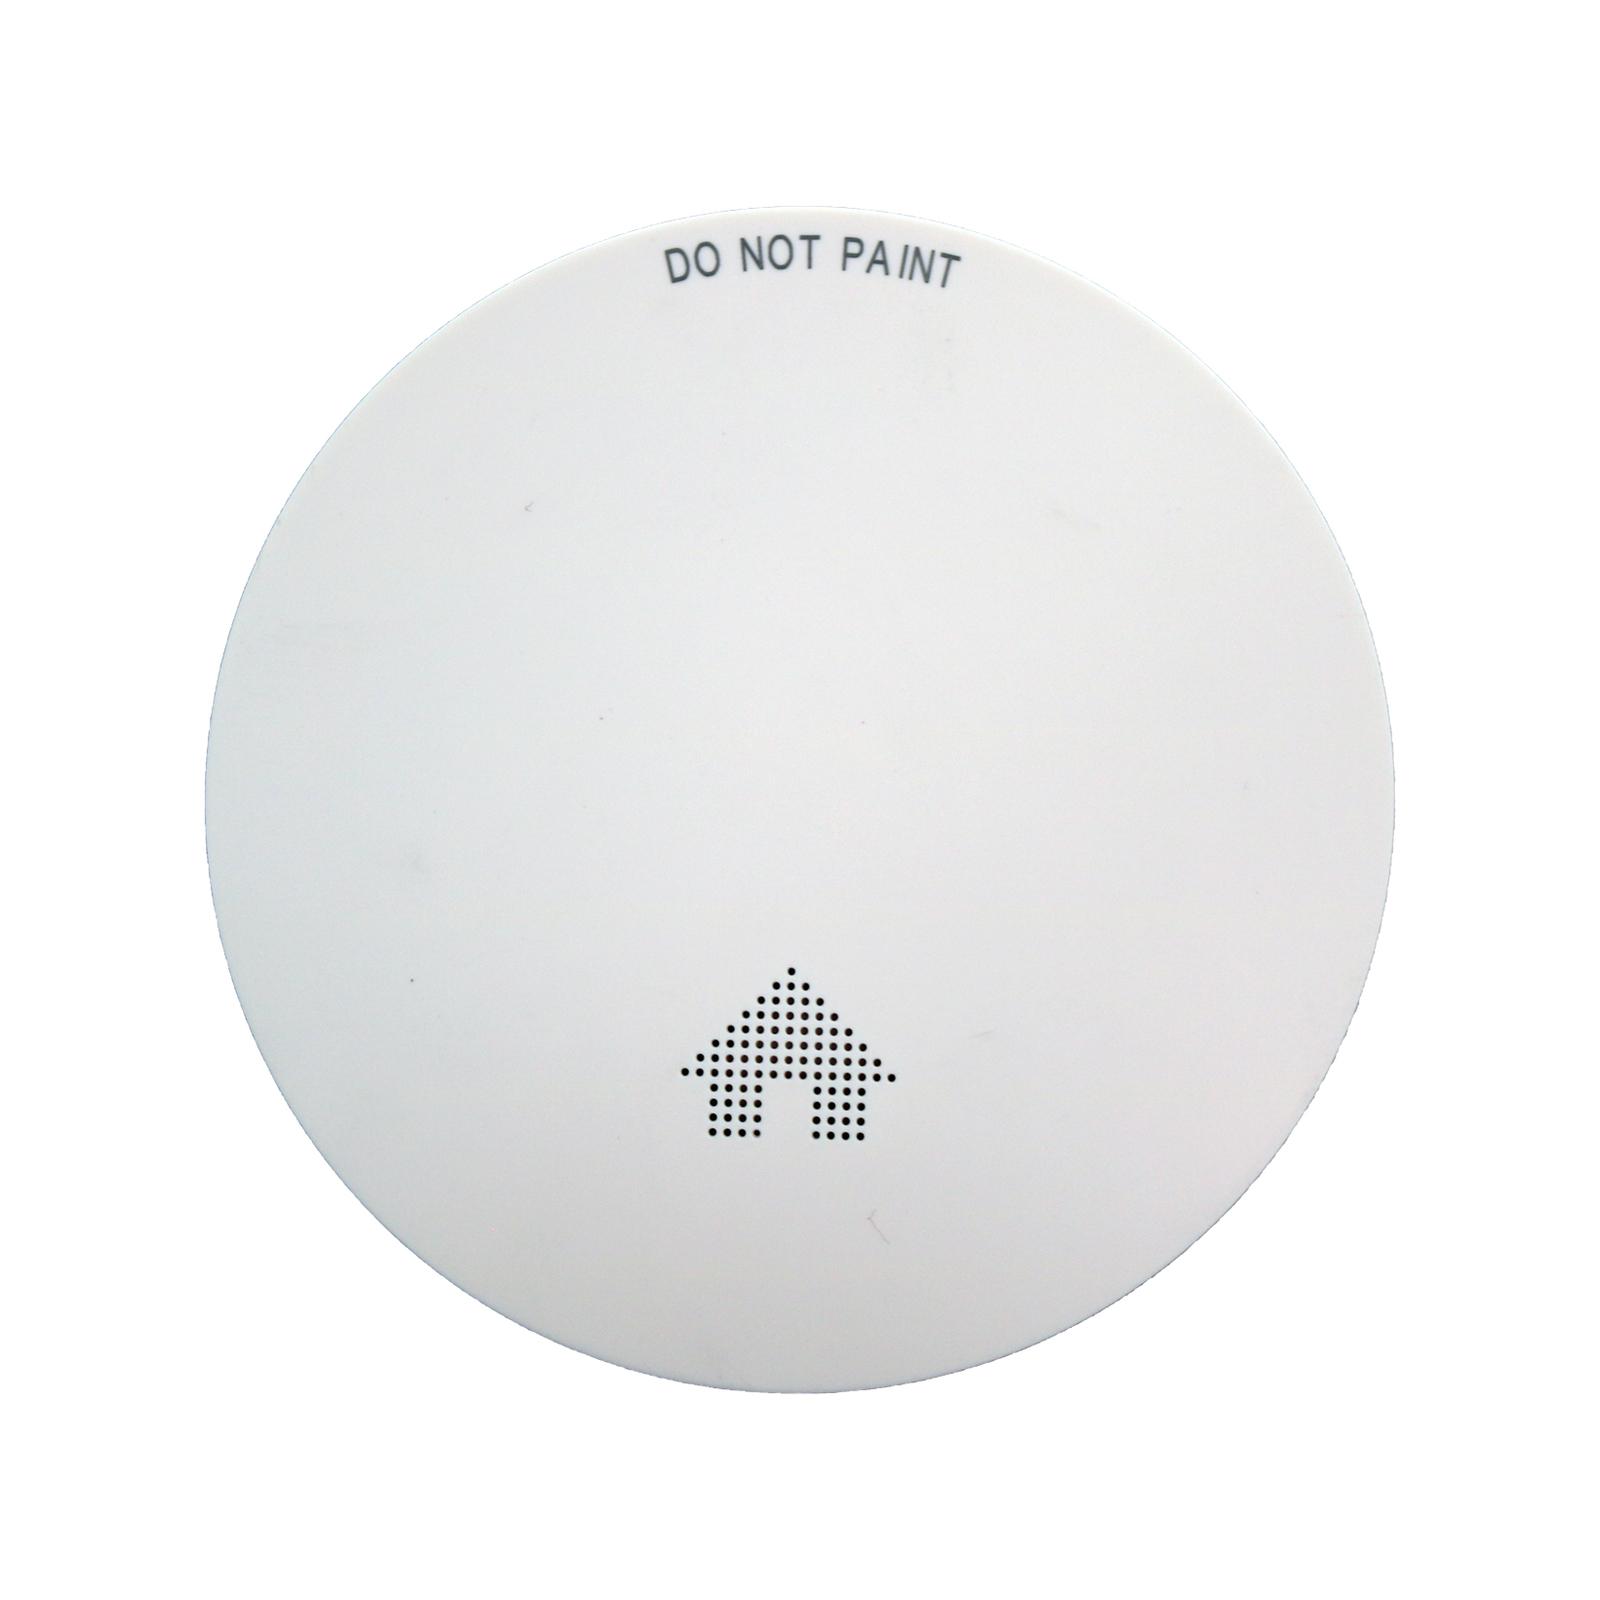 Family Shield Photoelectric Slim Smoke Alarm